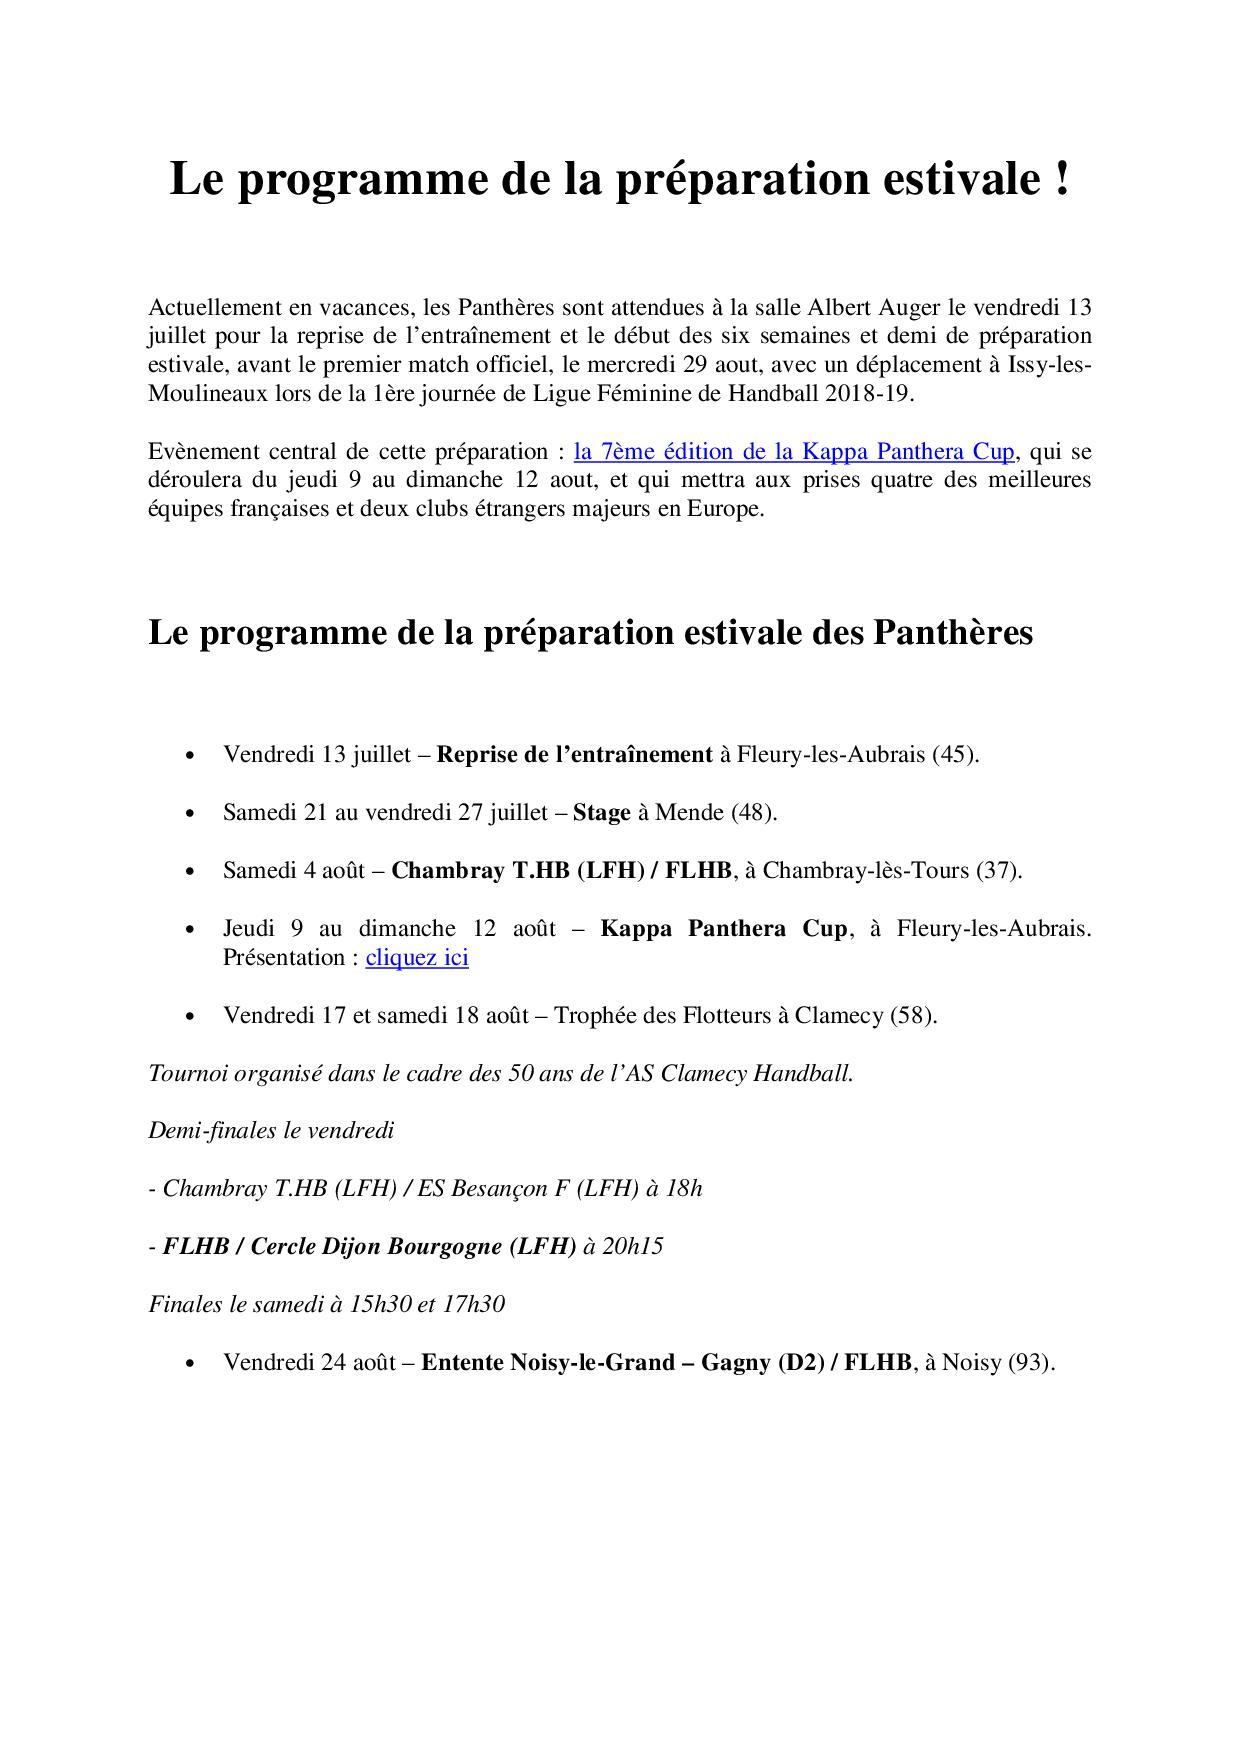 Le programme de la préparation estivale des Panthères 2018.jpg